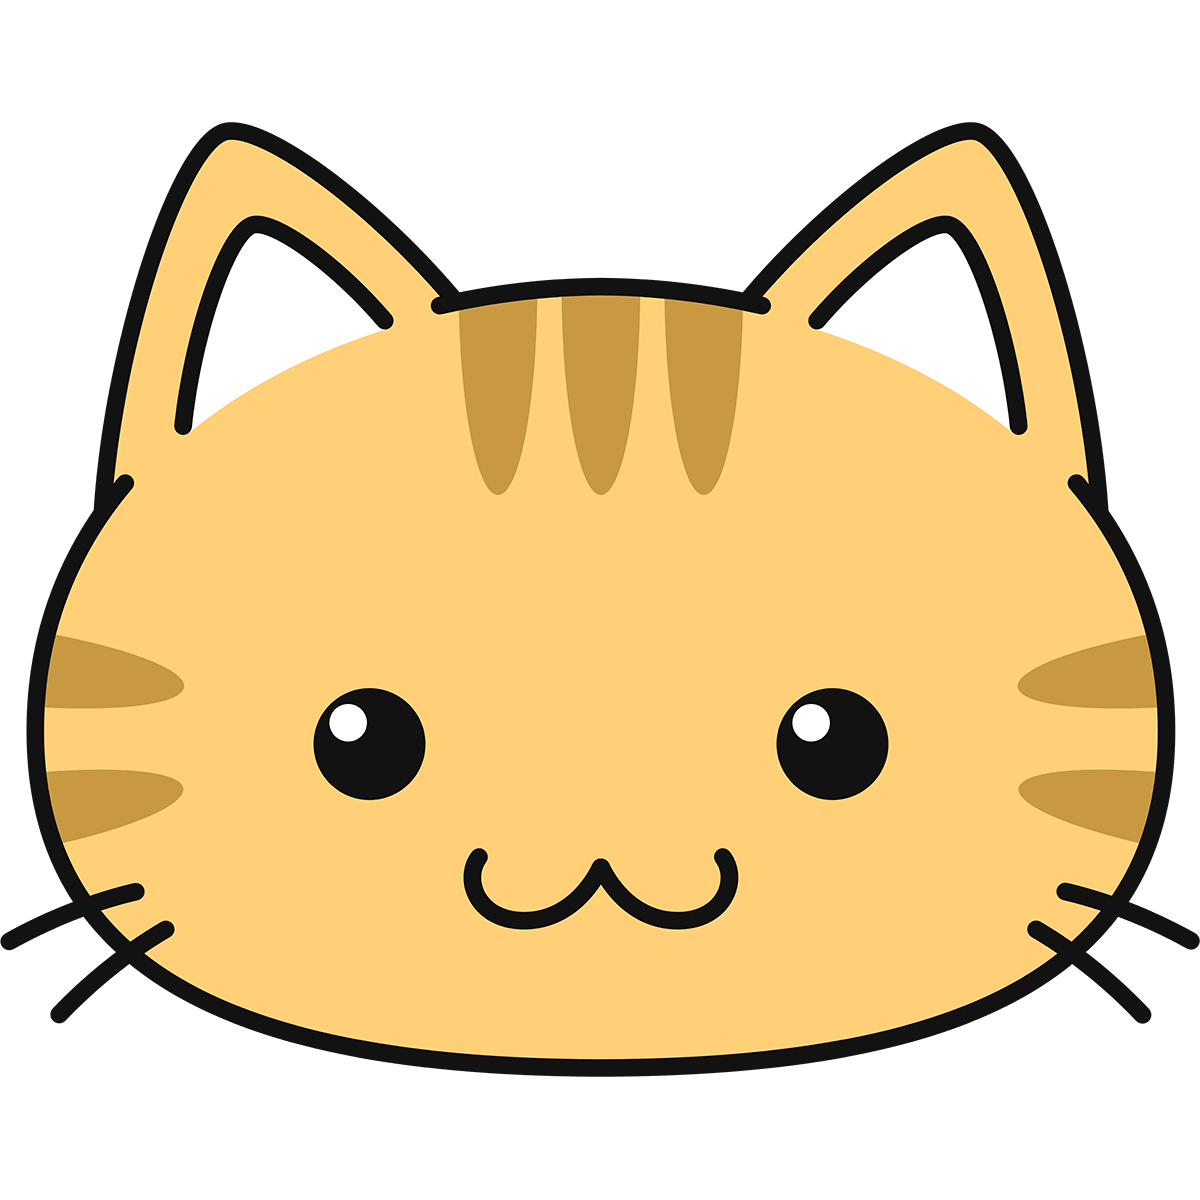 茶トラ猫の顔(丸目)の無料イラスト